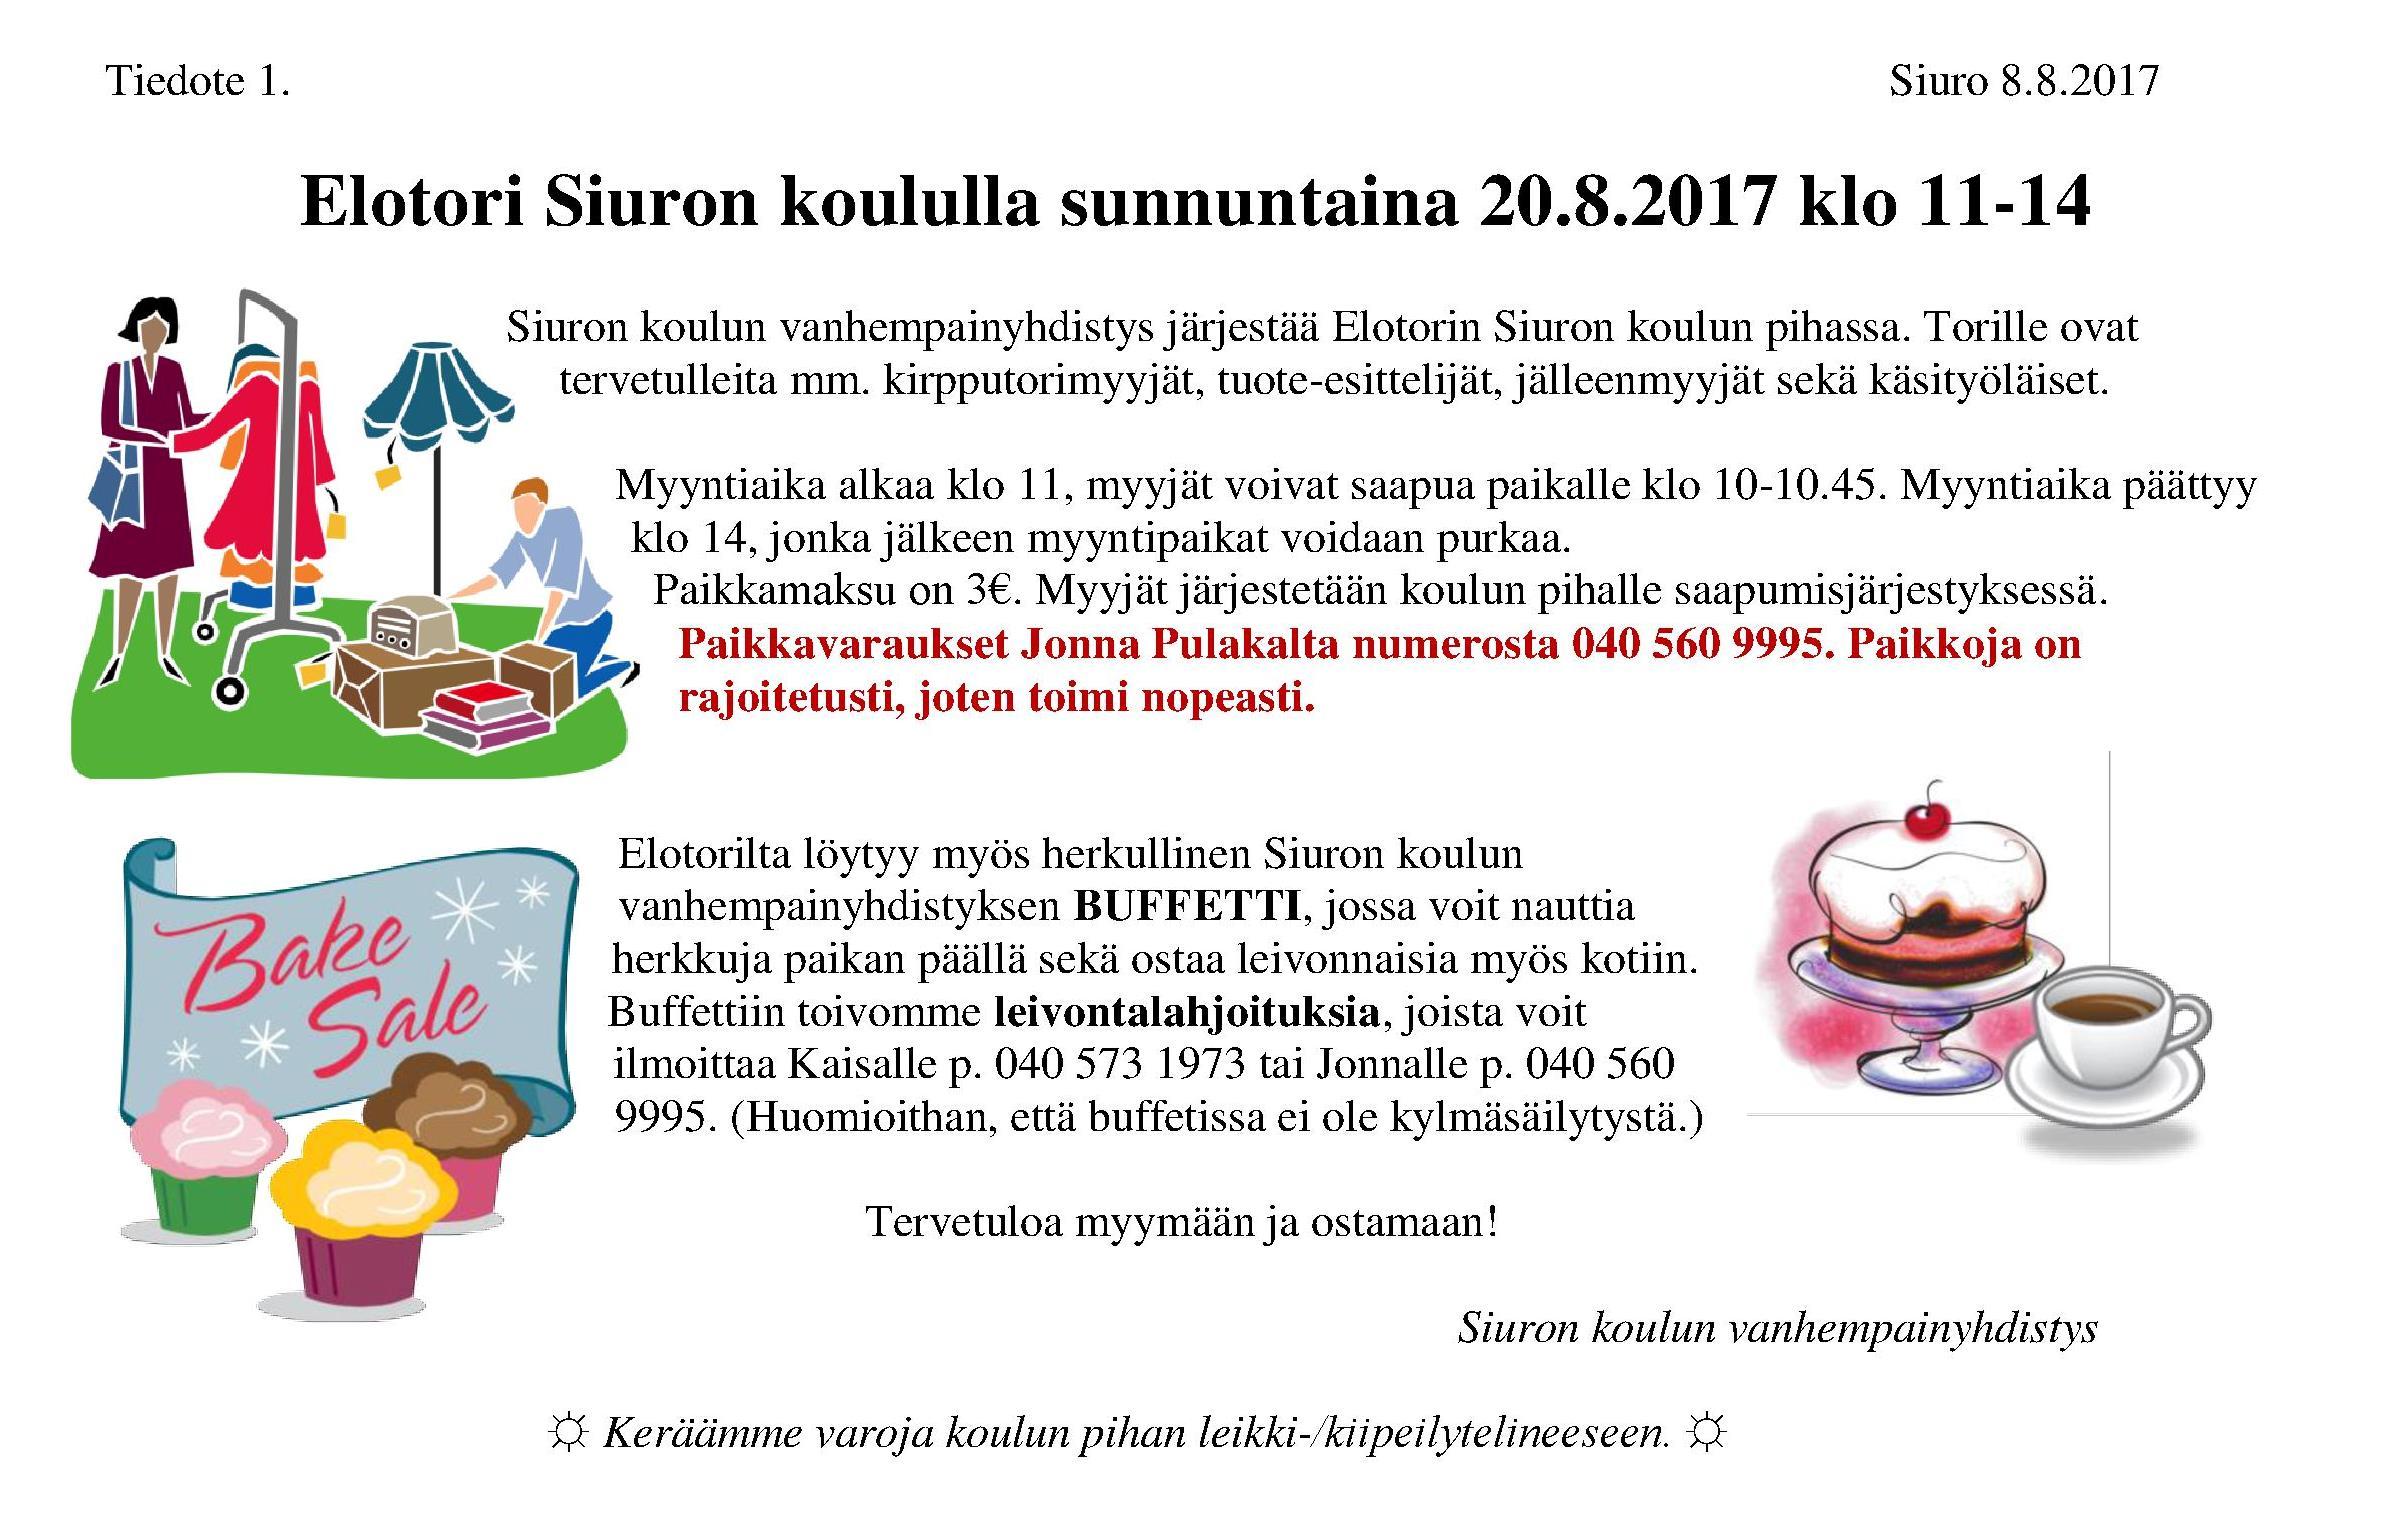 rasva eebenpuu seksi puntturbe, Turkki